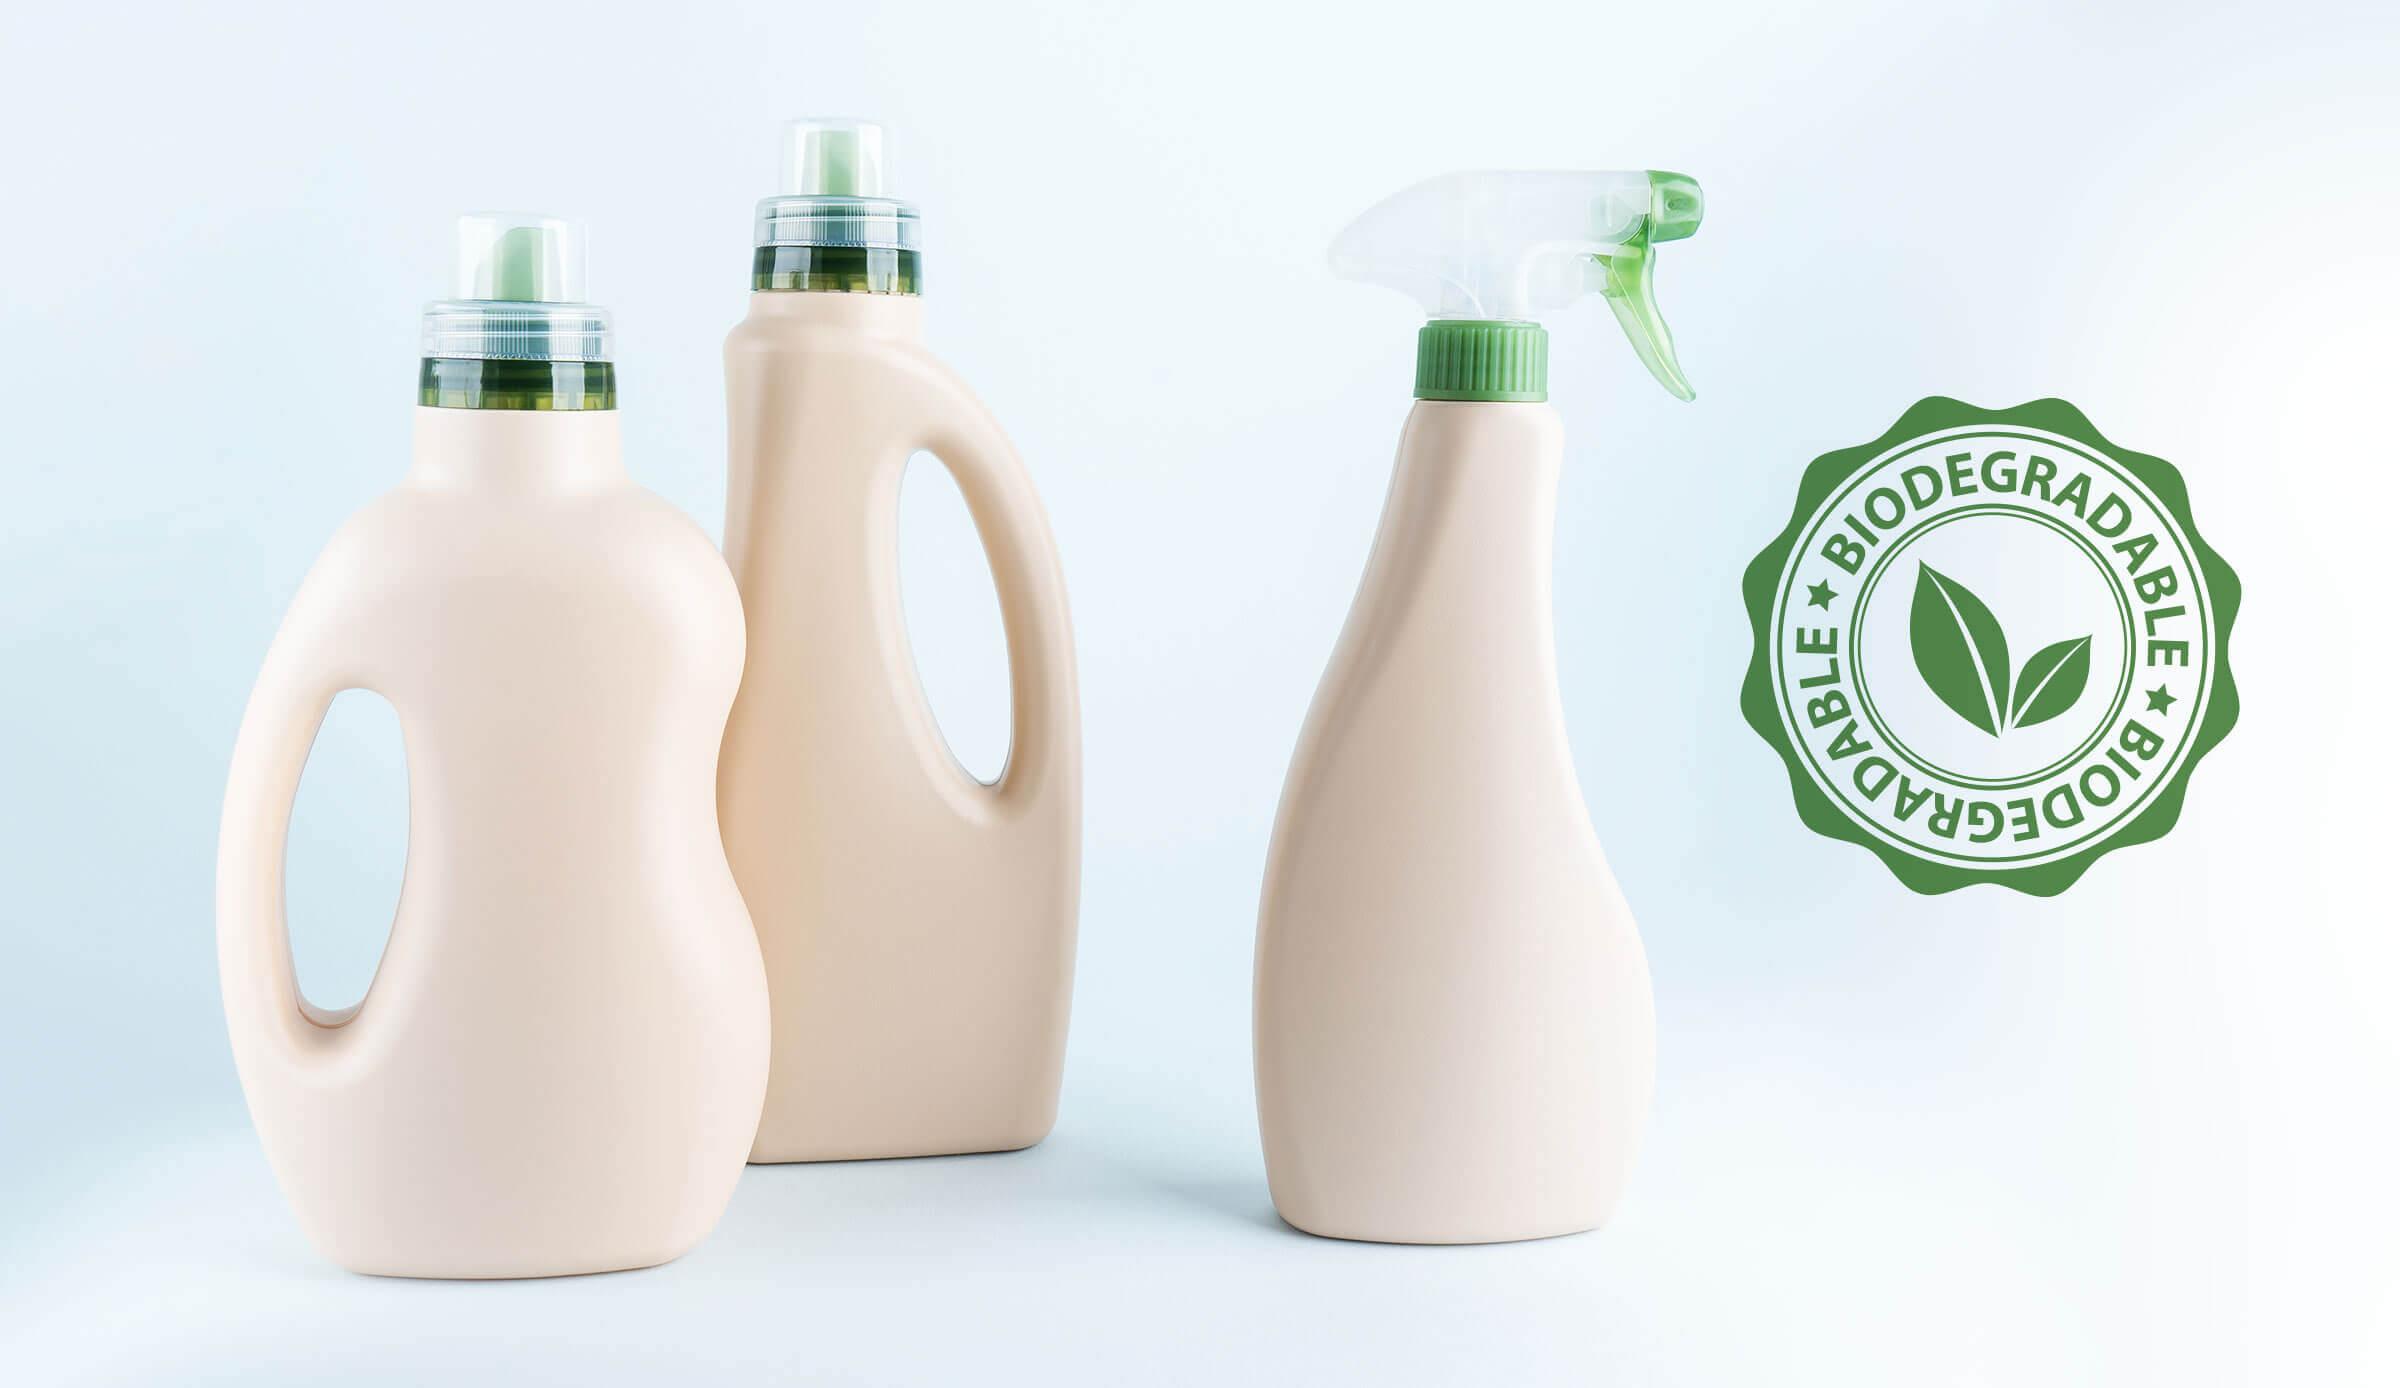 projektowanie z biodegradowalnych tworzyw